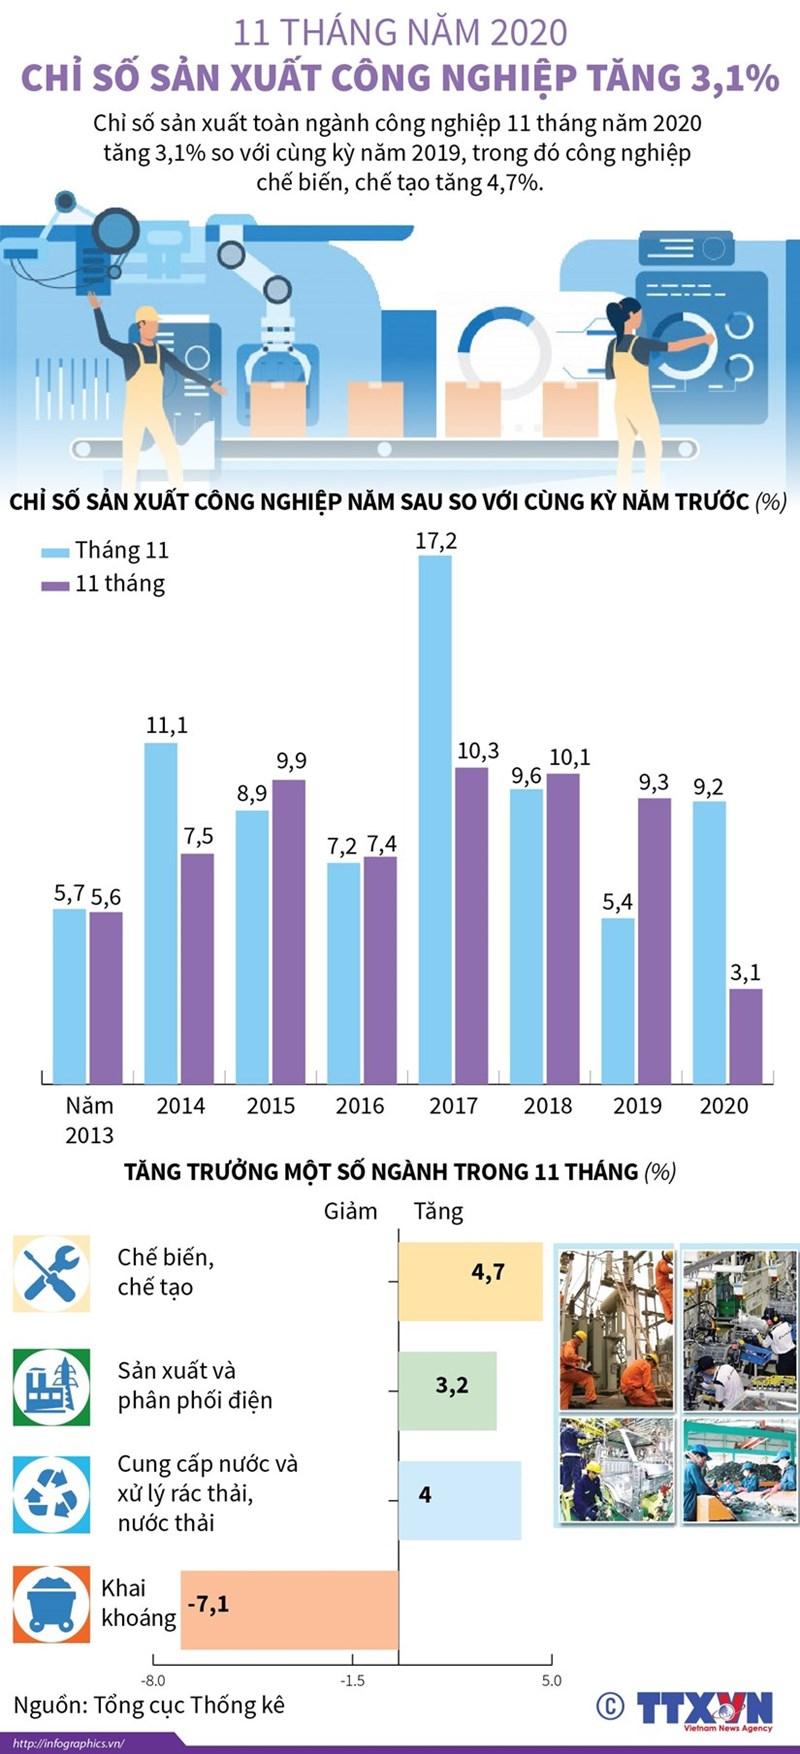 [Infographics] 11 tháng năm 2020, chỉ số sản xuất công nghiệp tăng 3,1% - Ảnh 1